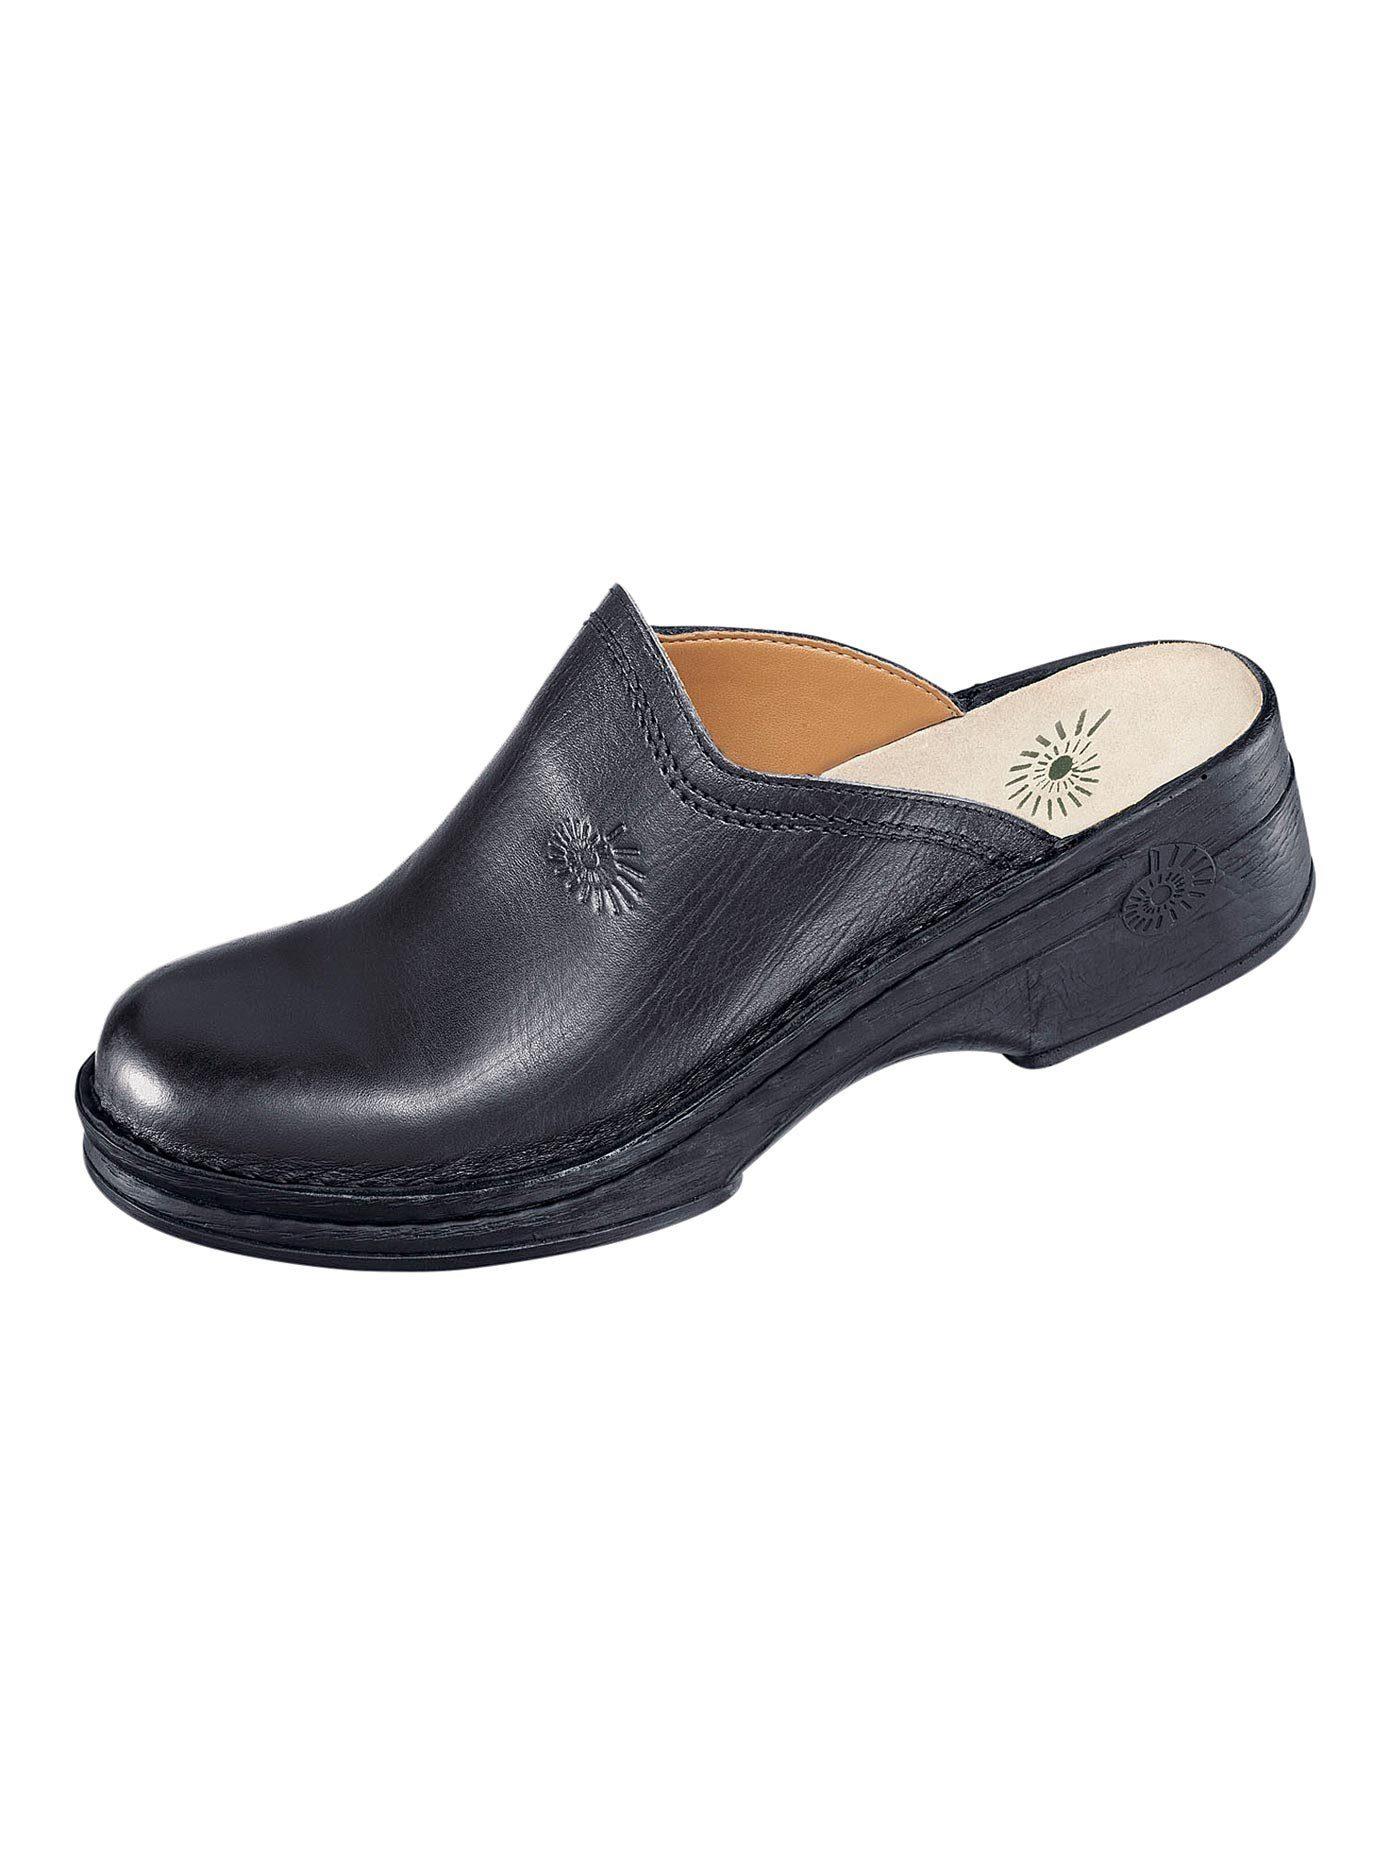 Jomos Damen Clogs Sabot Leder schwarz Weite H Neu Hausschuhe